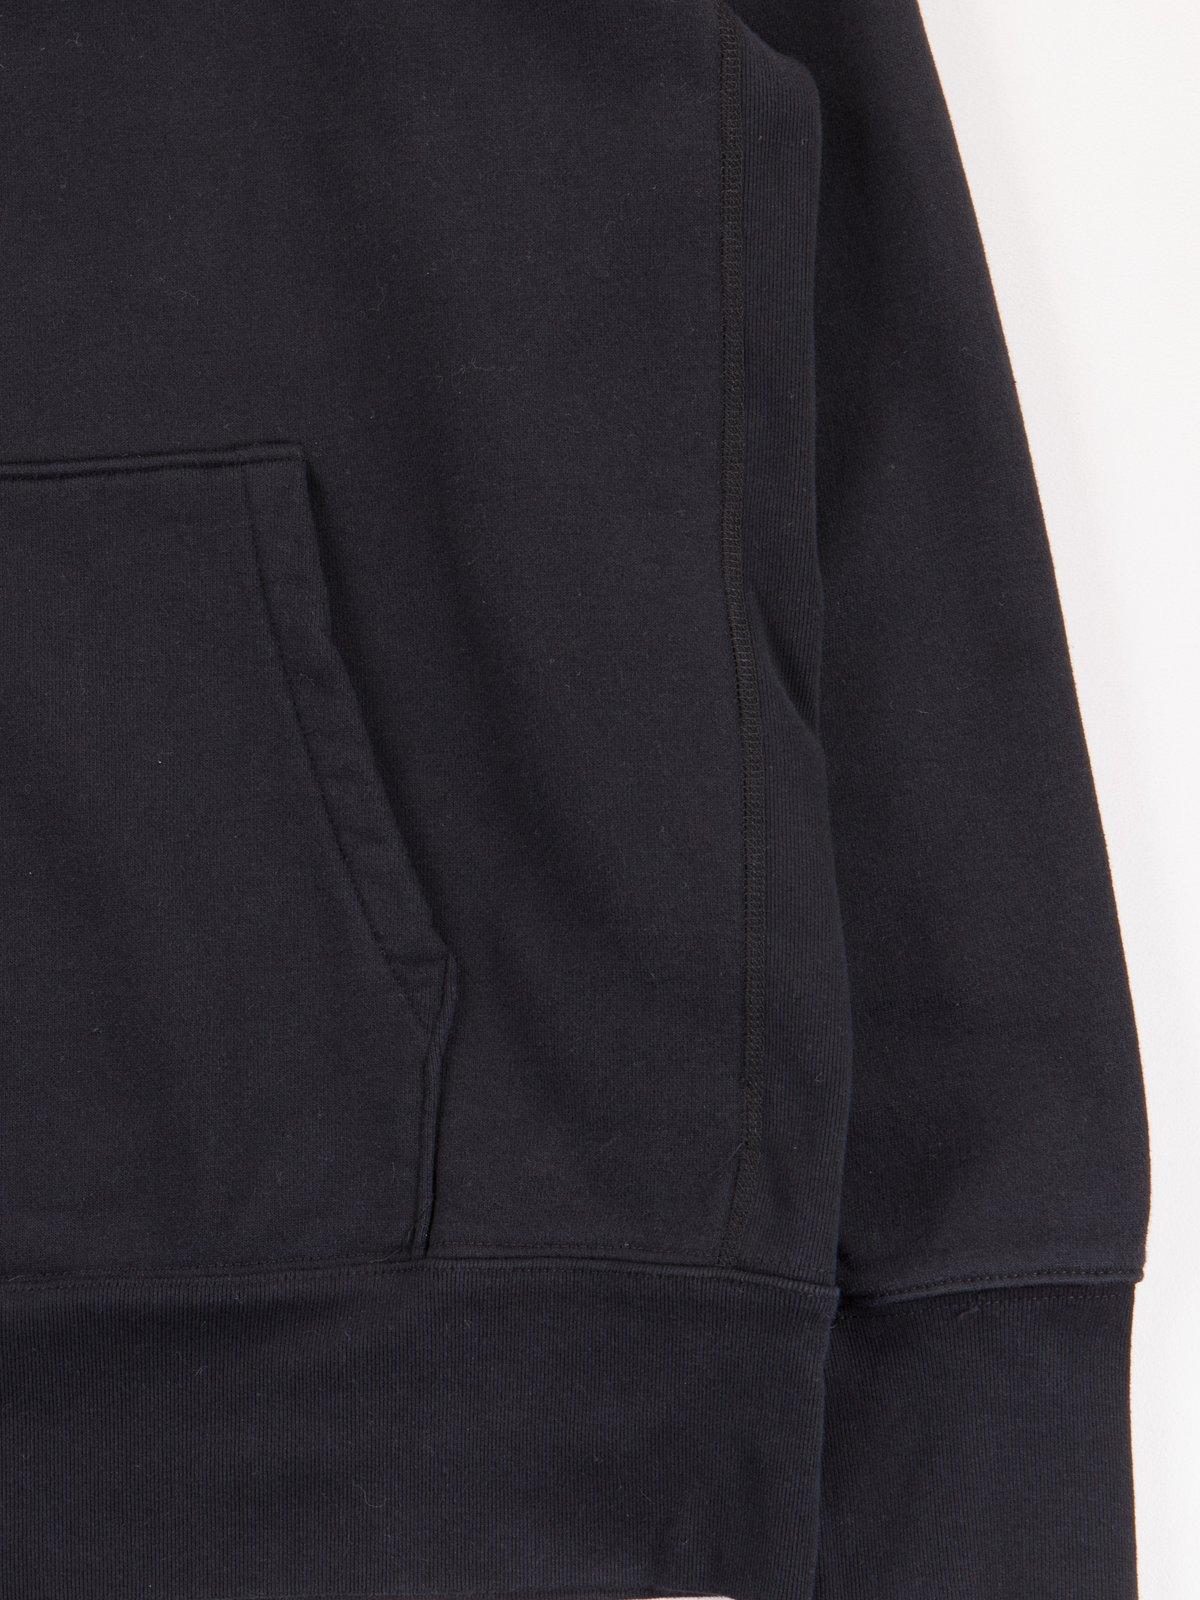 Black Gusset Pullover Parka - Image 3